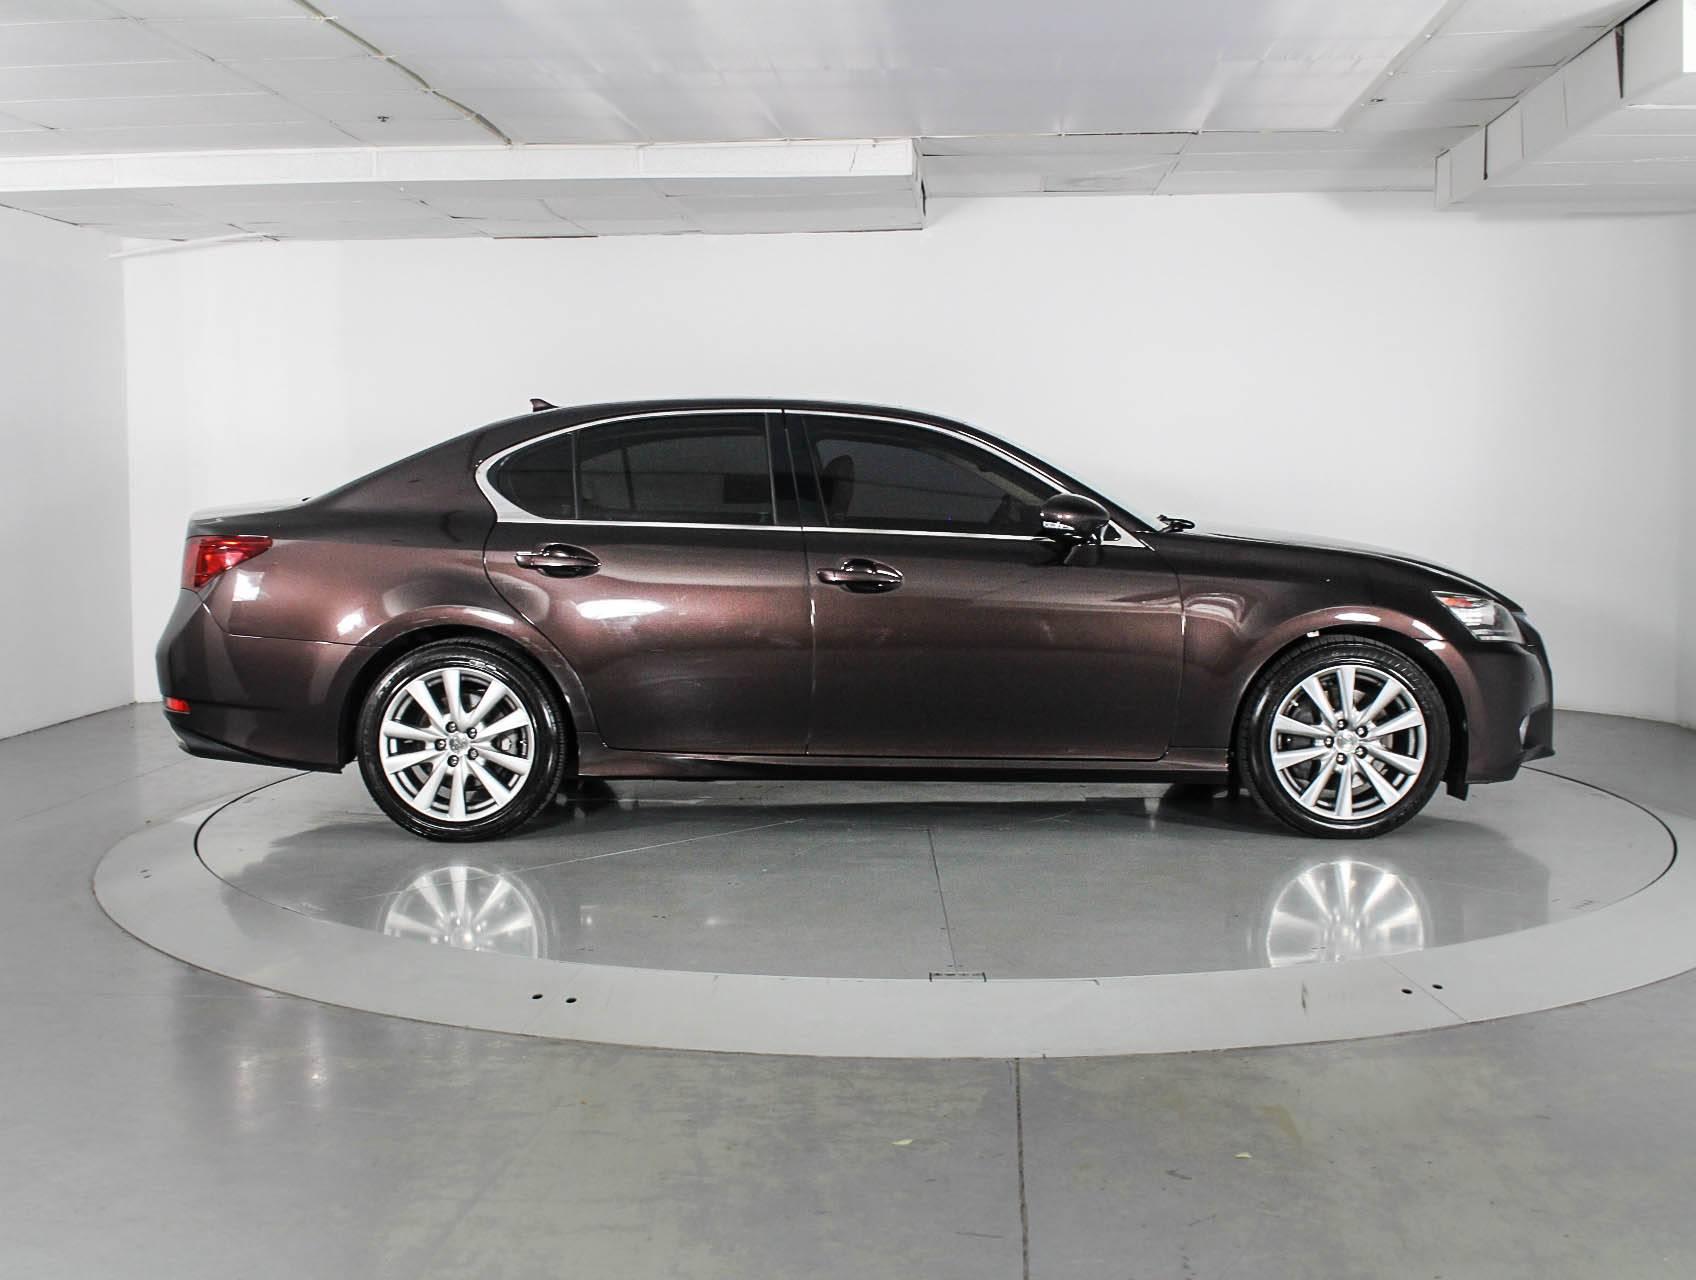 Used 2013 LEXUS GS 350 Sedan for sale in WEST PALM FL